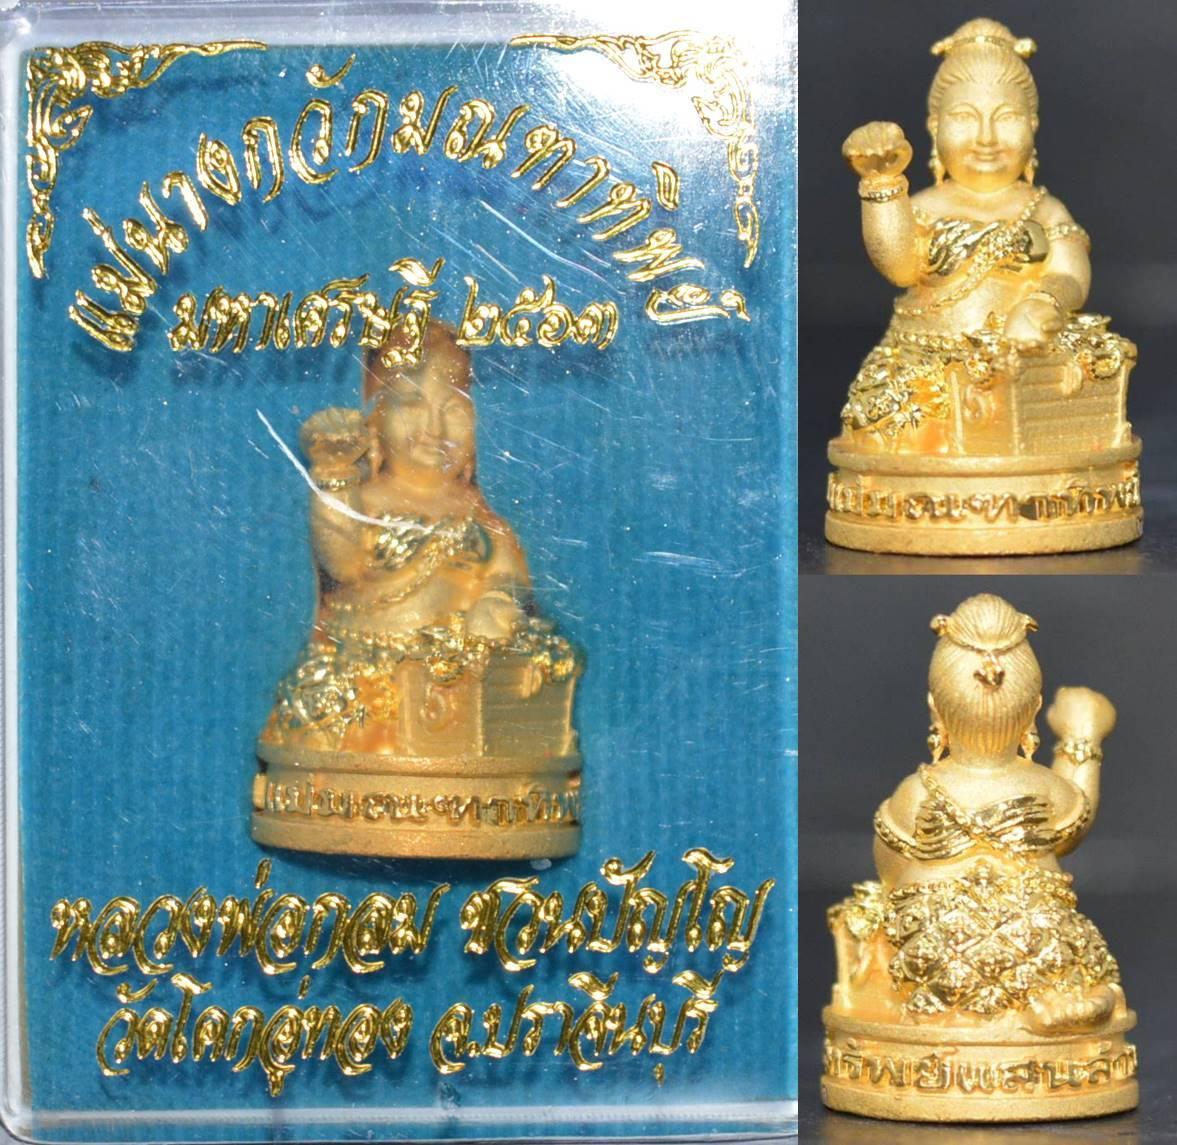 แม่นางกวักมณฑาทิพย์ เนื้อสัมฤทธิ์ชุบทอง  หลวงพ่อกลม วัดโคกอู่ทอง สระแก้ว 2563 ขนาด 2.6*1.3 ซม